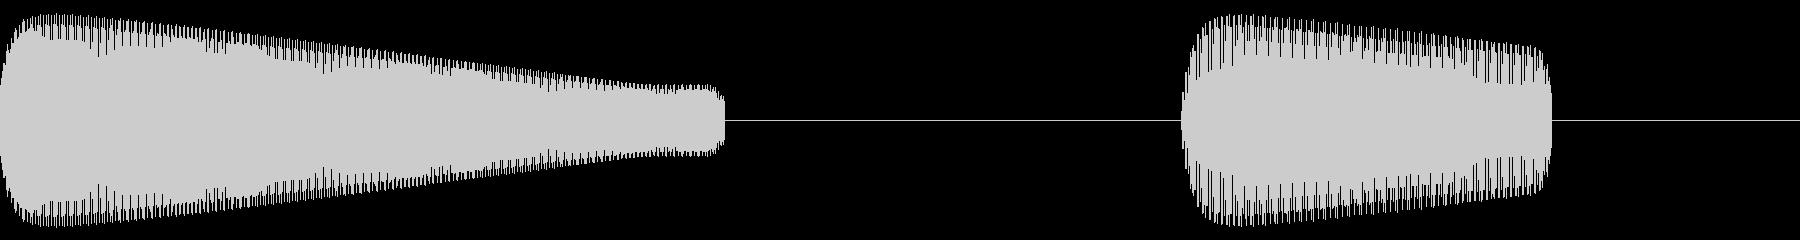 レトロゲーム効果音「ピコ」低めの未再生の波形